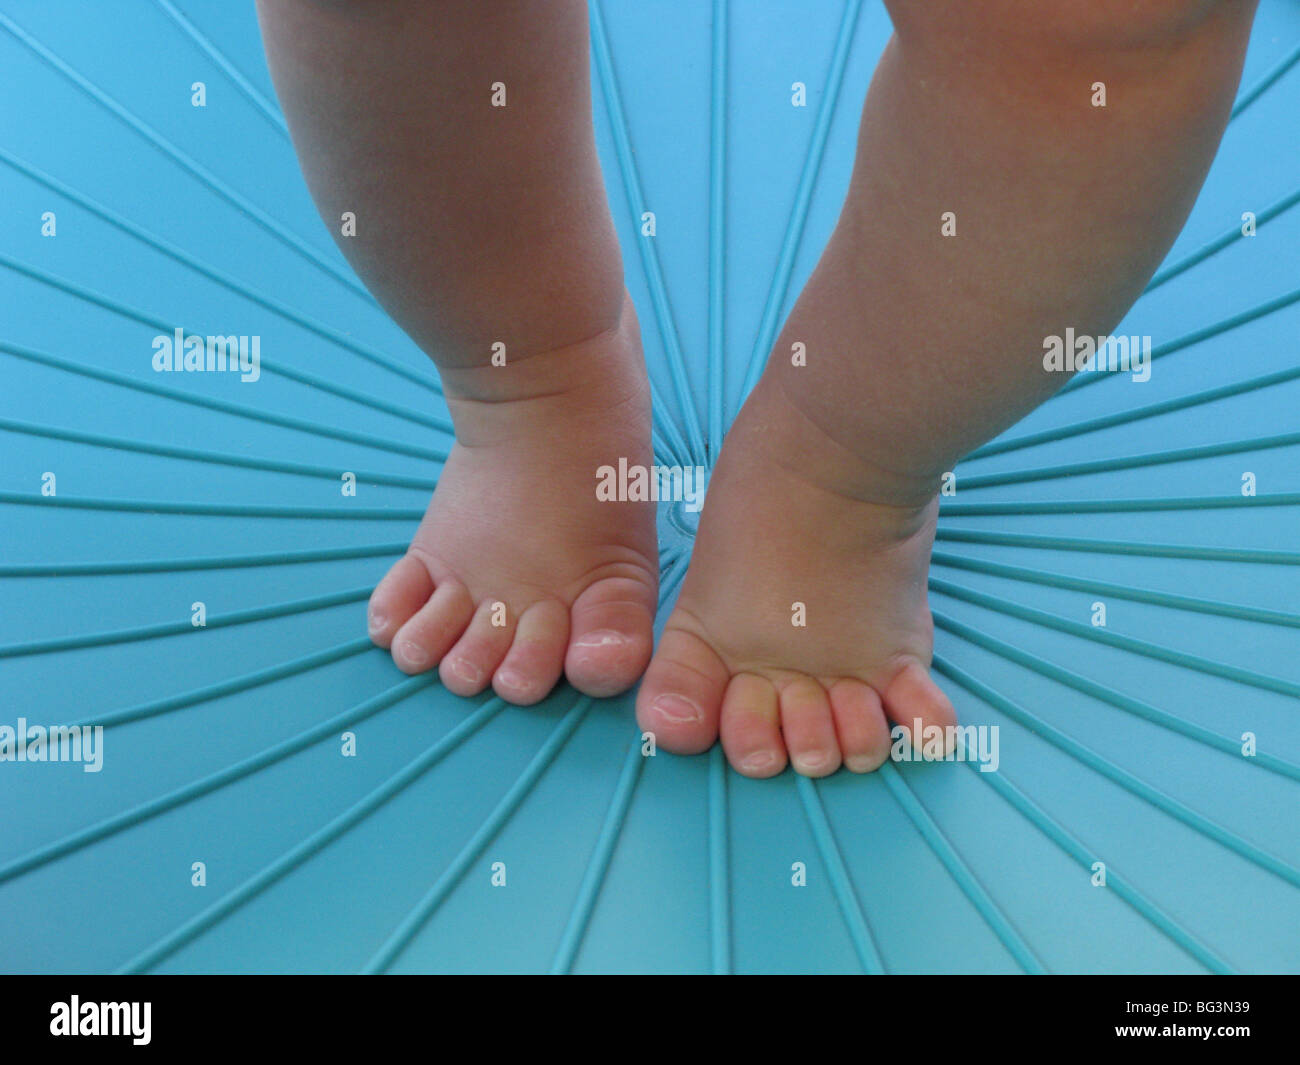 Las piernas y los pies de un bebé aprendiendo a caminar en un entorno azul Imagen De Stock